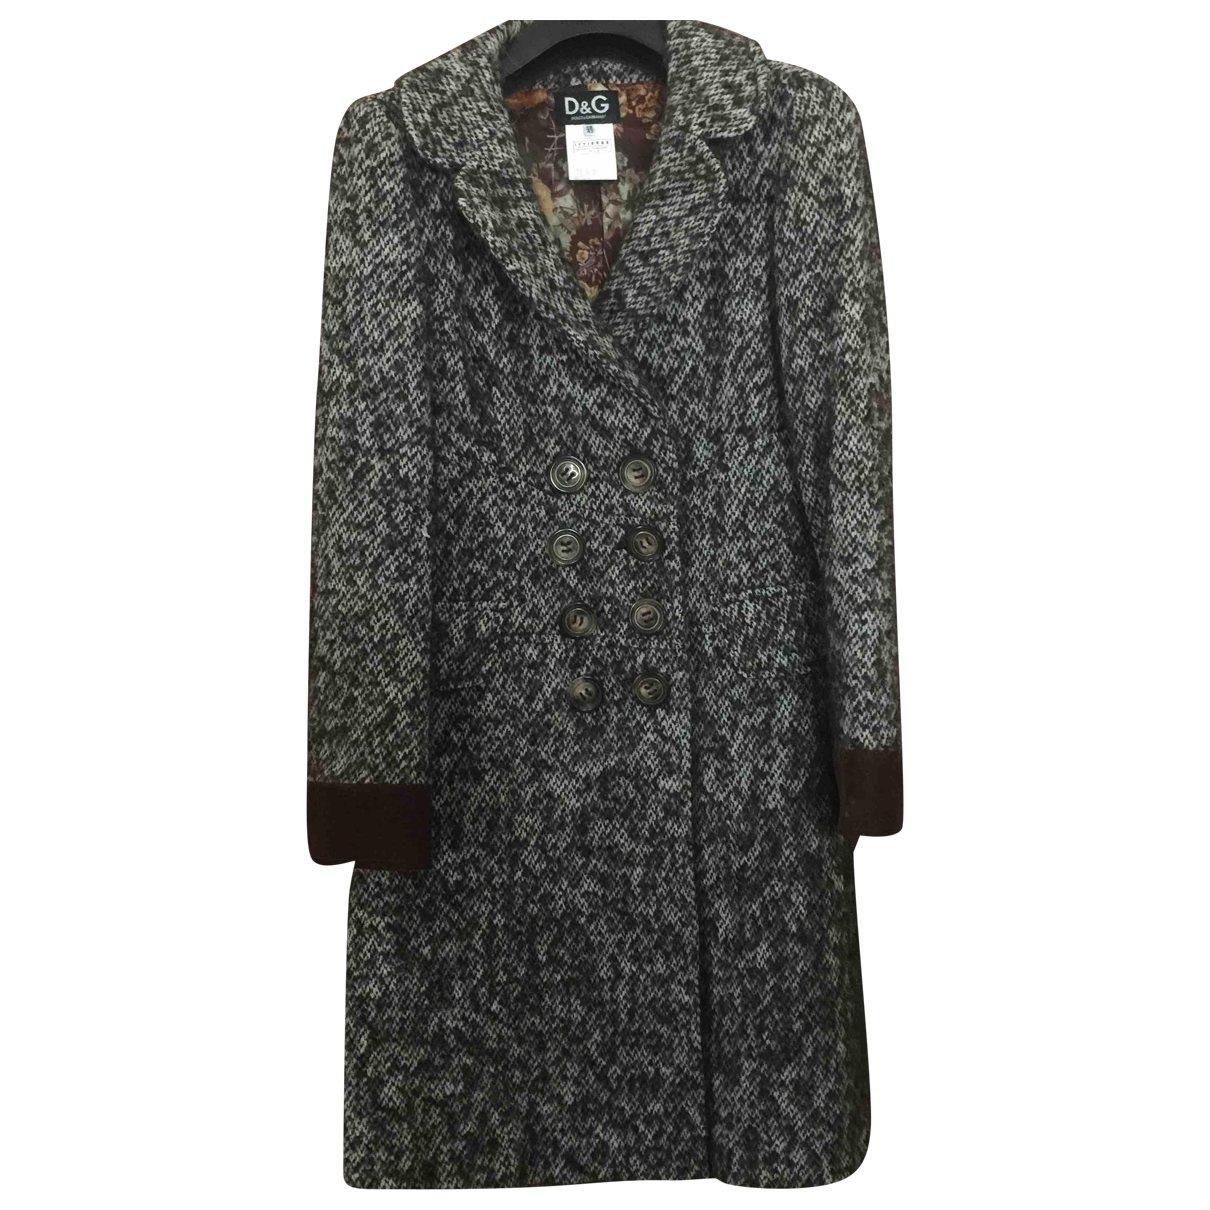 D&g - Manteau   pour femme en laine - marron